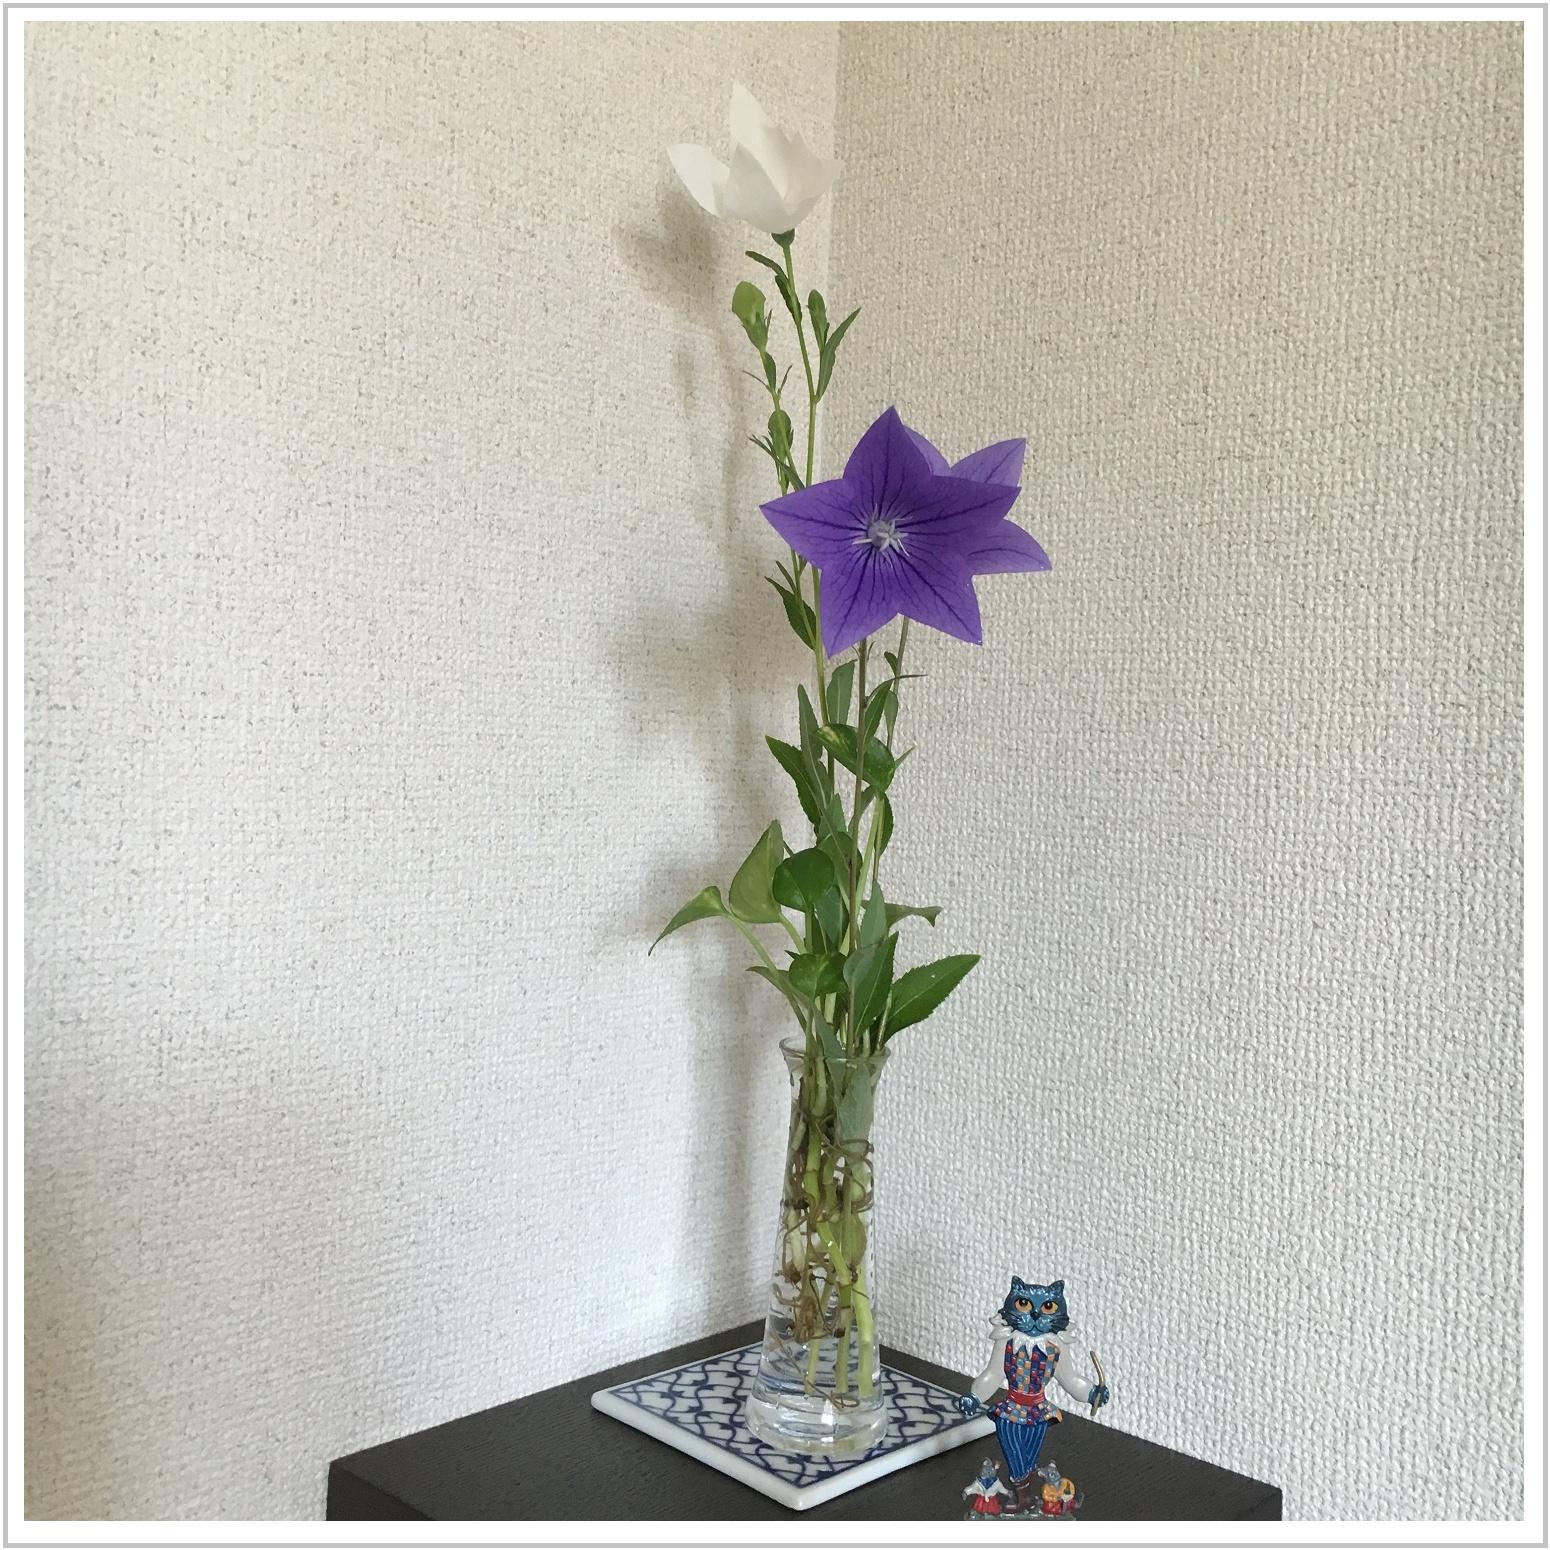 kikyo_6_721.jpg